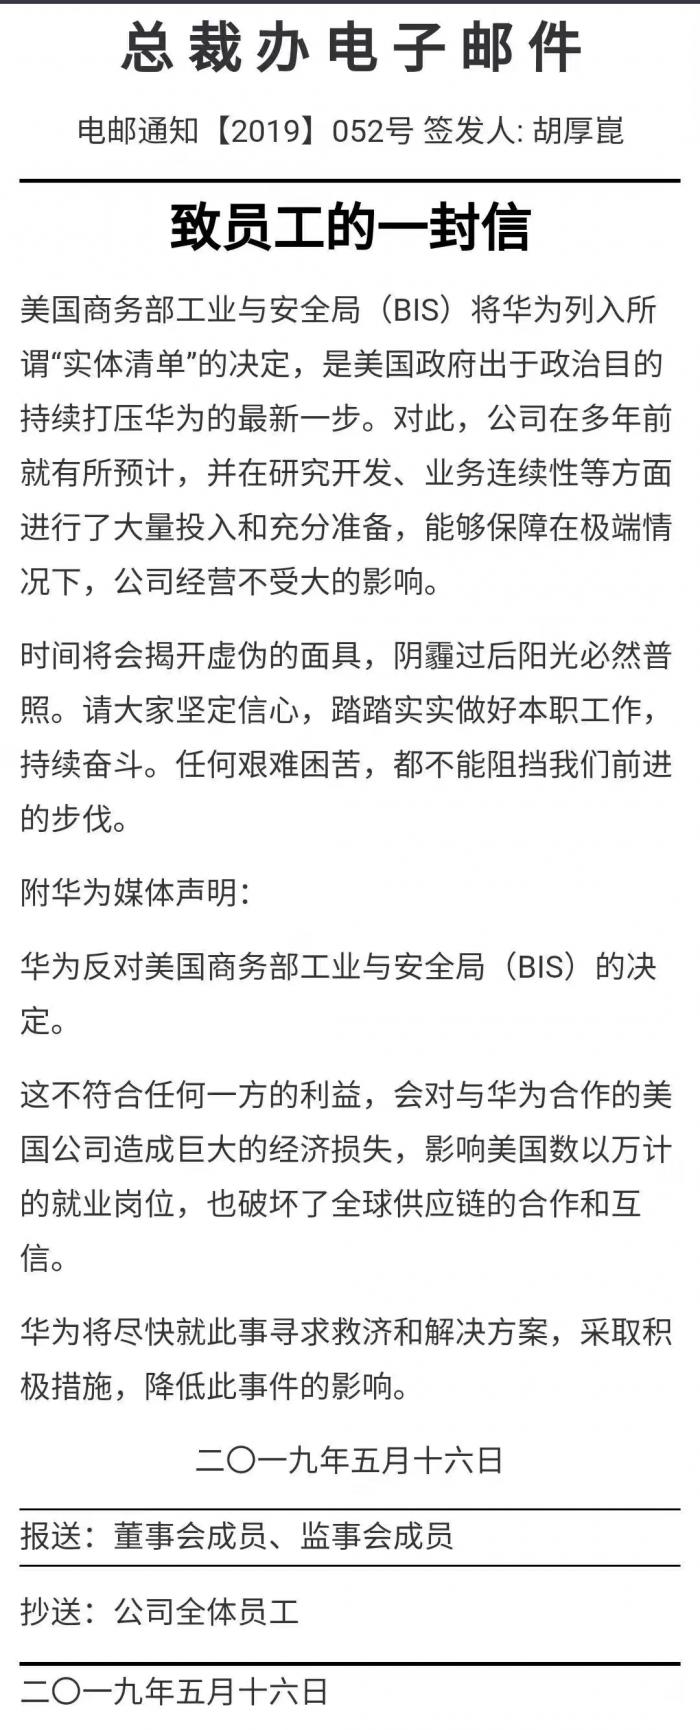 华为:能保障在极端情况下 公司经营不受大的影响